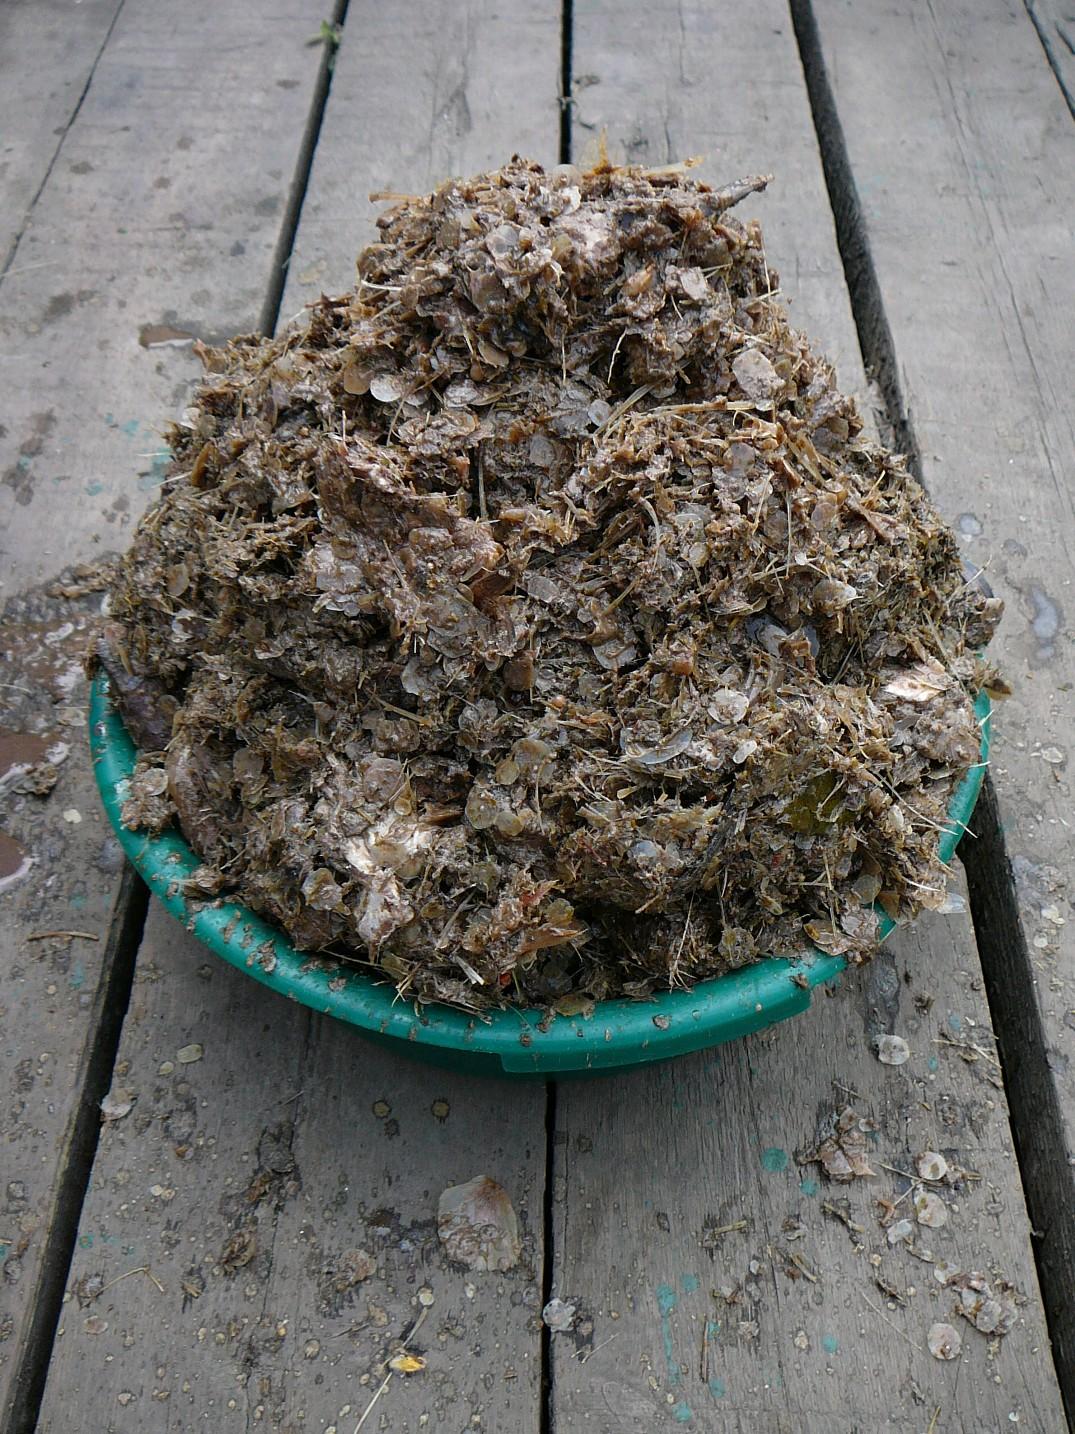 Вот столько получилось твердых отходов (головы, кости, чешуя) после отцеживания через железное сито фляги базового гарума